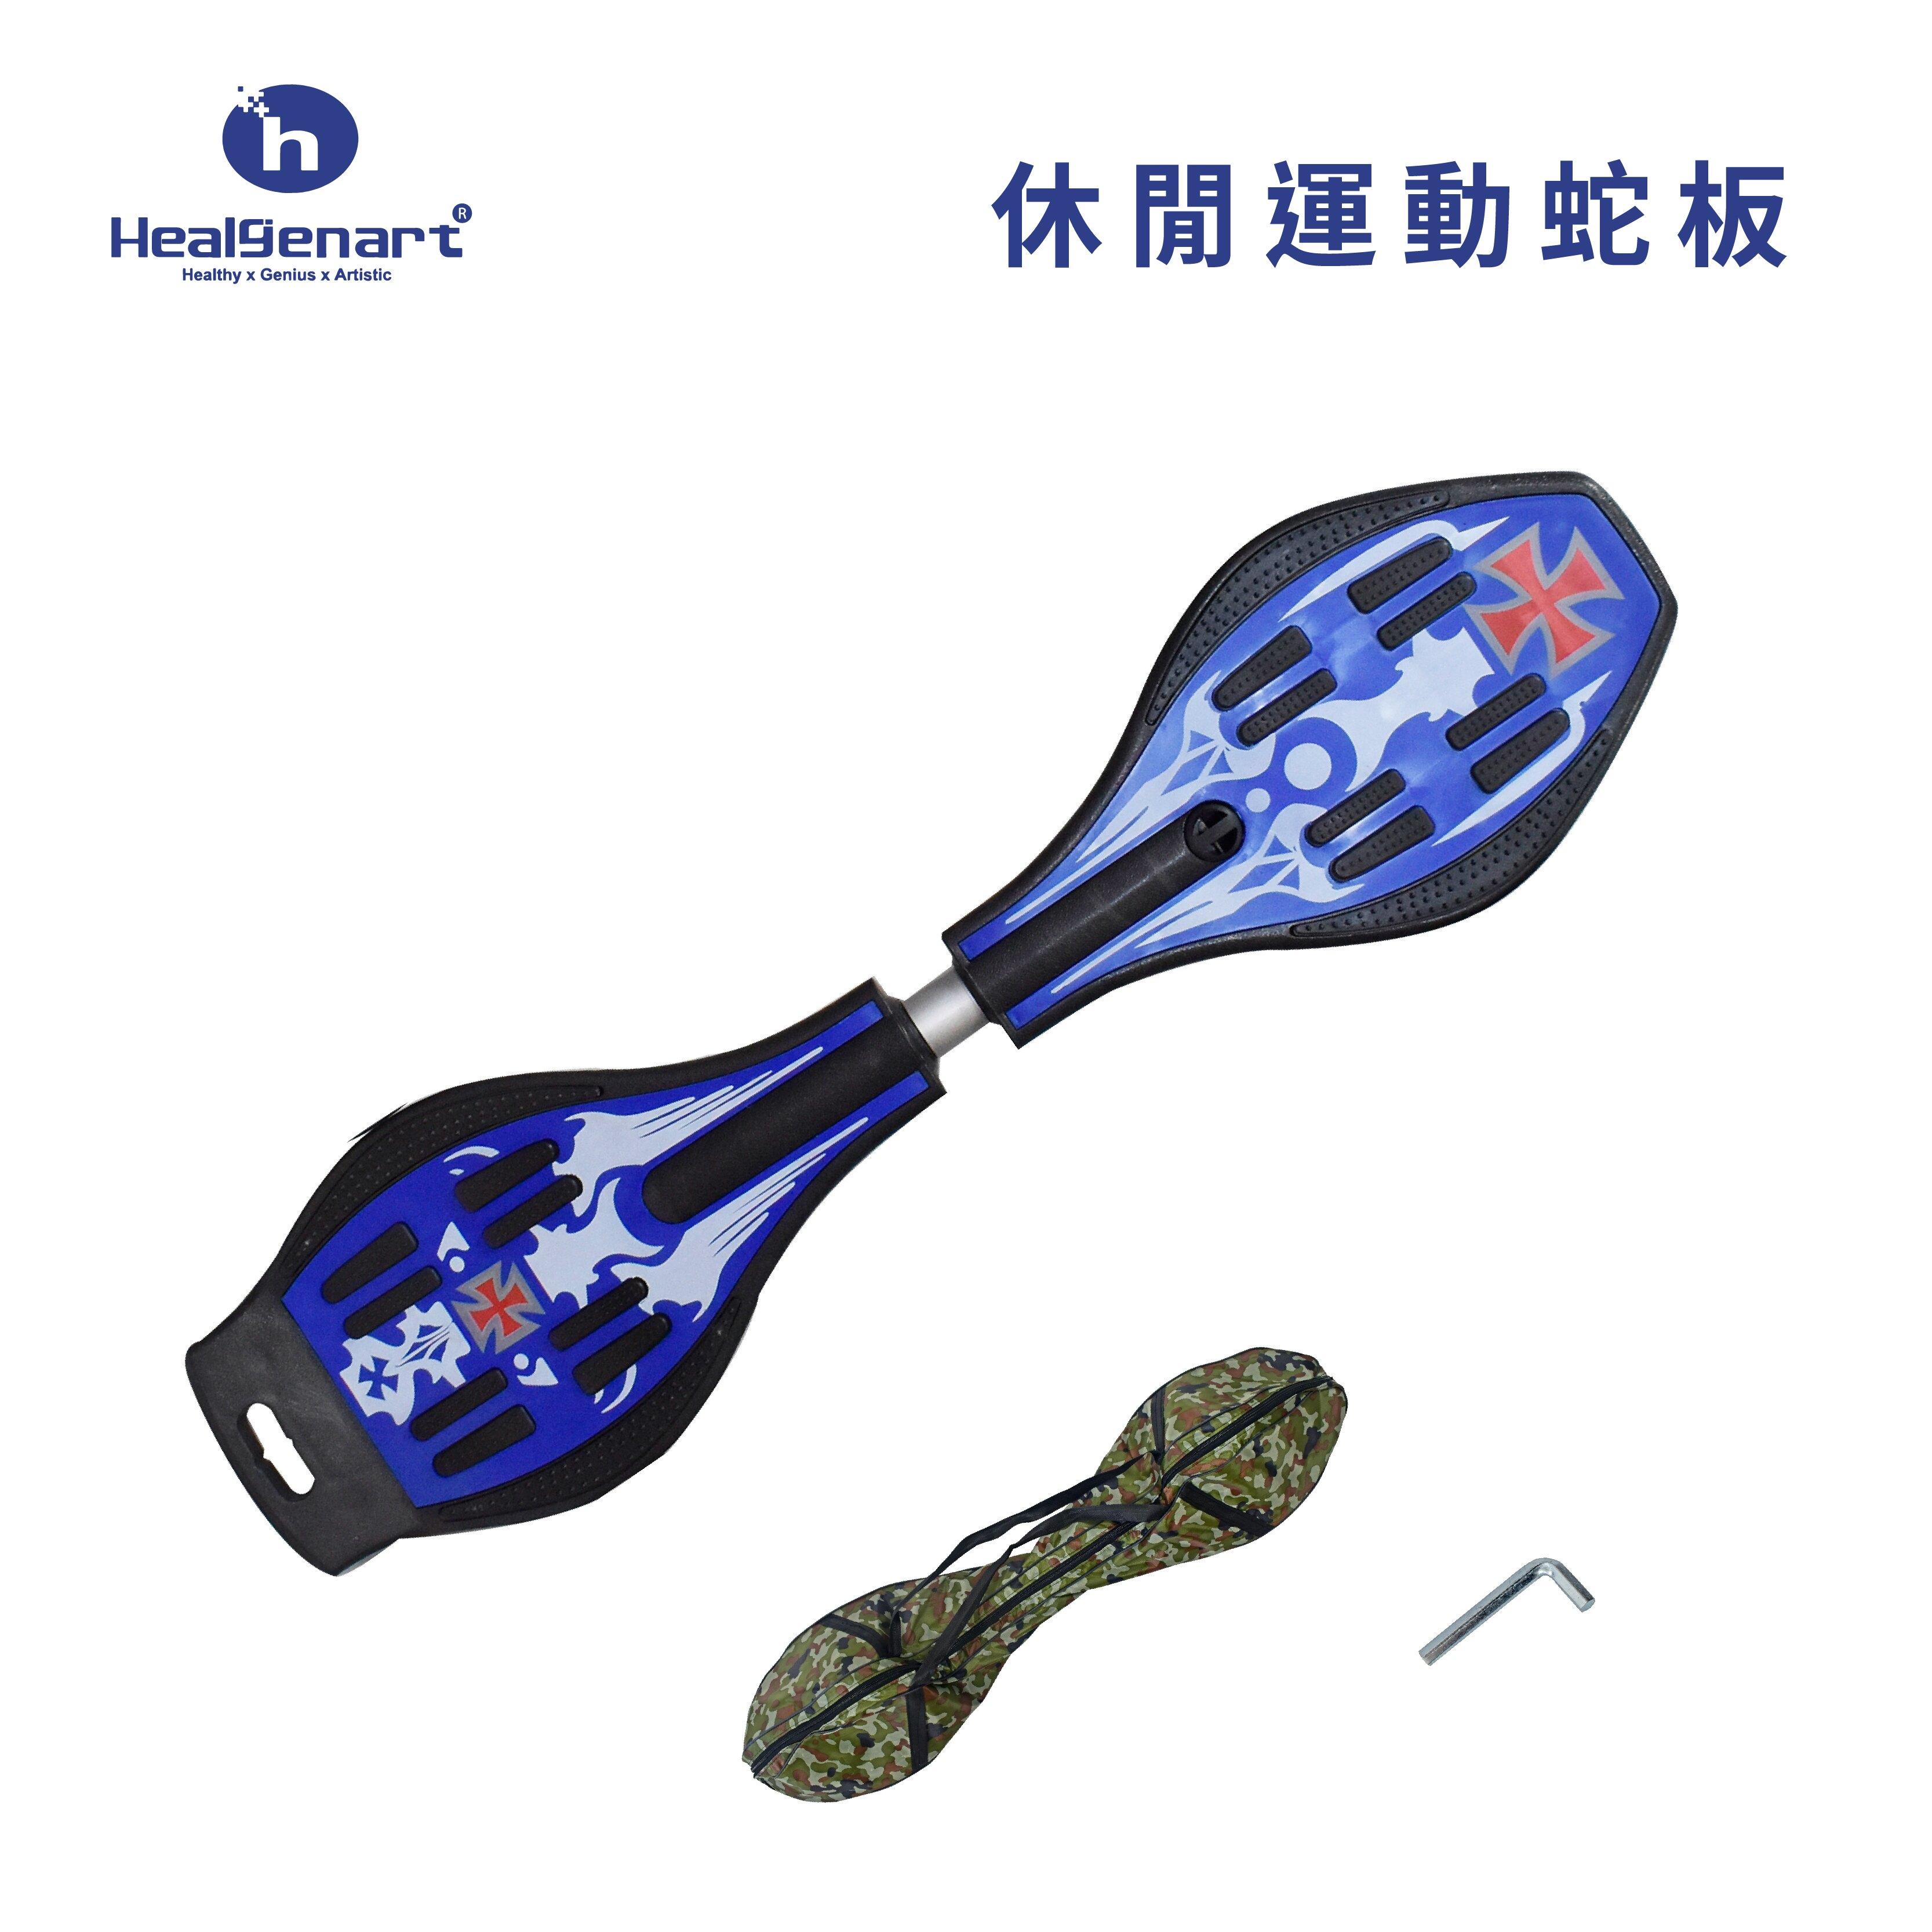 【Treewalker露遊】休閒運動 蛇板 滑板 柳葉 新型光圈 非飄移板 游龍板 活力板 雙龍板